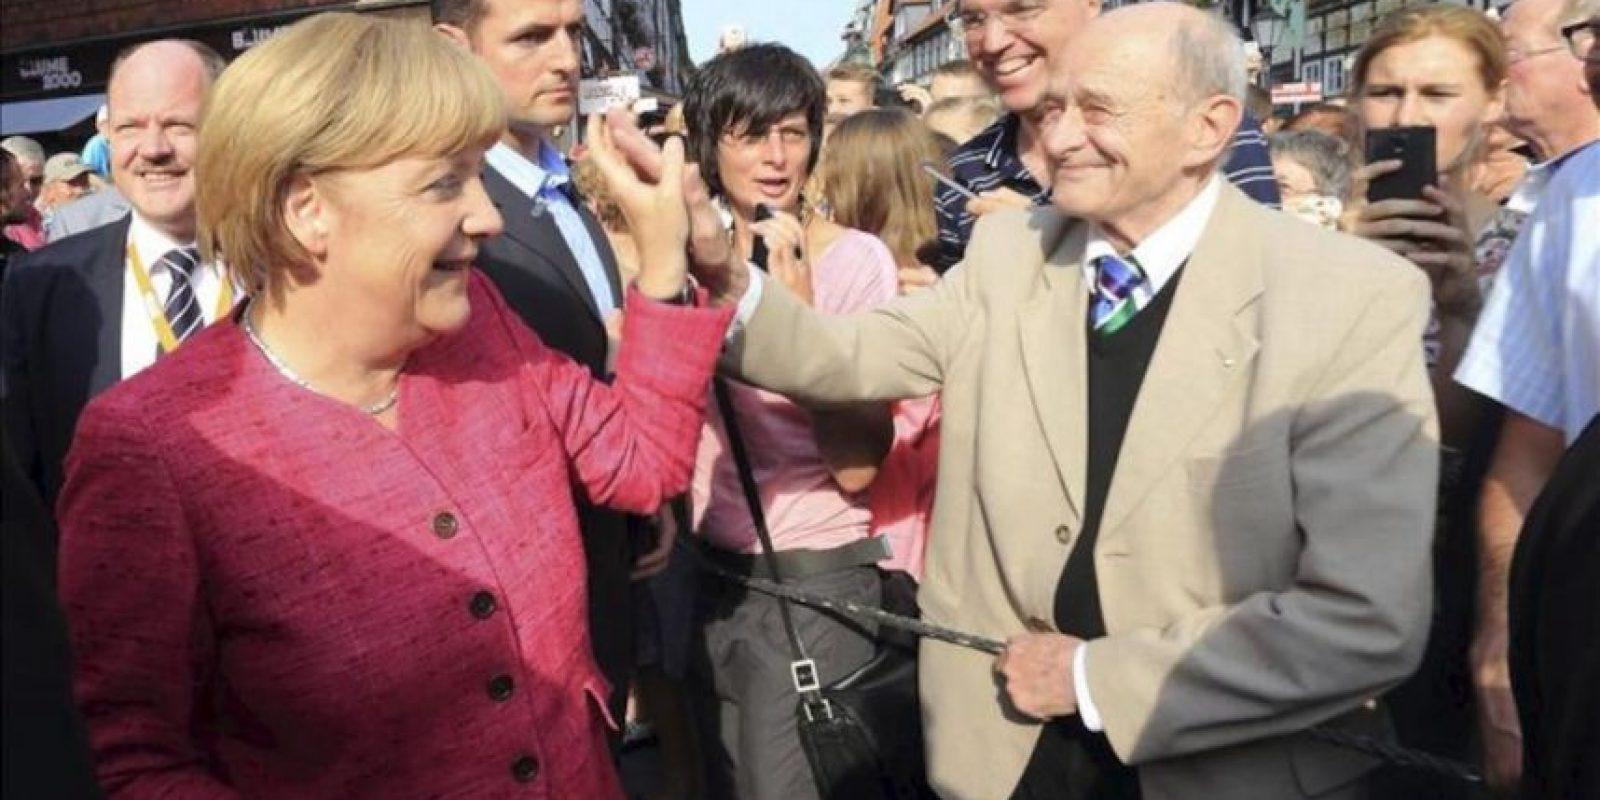 La canciller alemana Angela Merkel (i) llega a la plaza Wernigerode durante su campaña electoral para las elecciones federales en septiembre, Alemania, el 22 de agosto de 2013. Las elecciones se celebran el 22 de setiembre de 2013. EFE